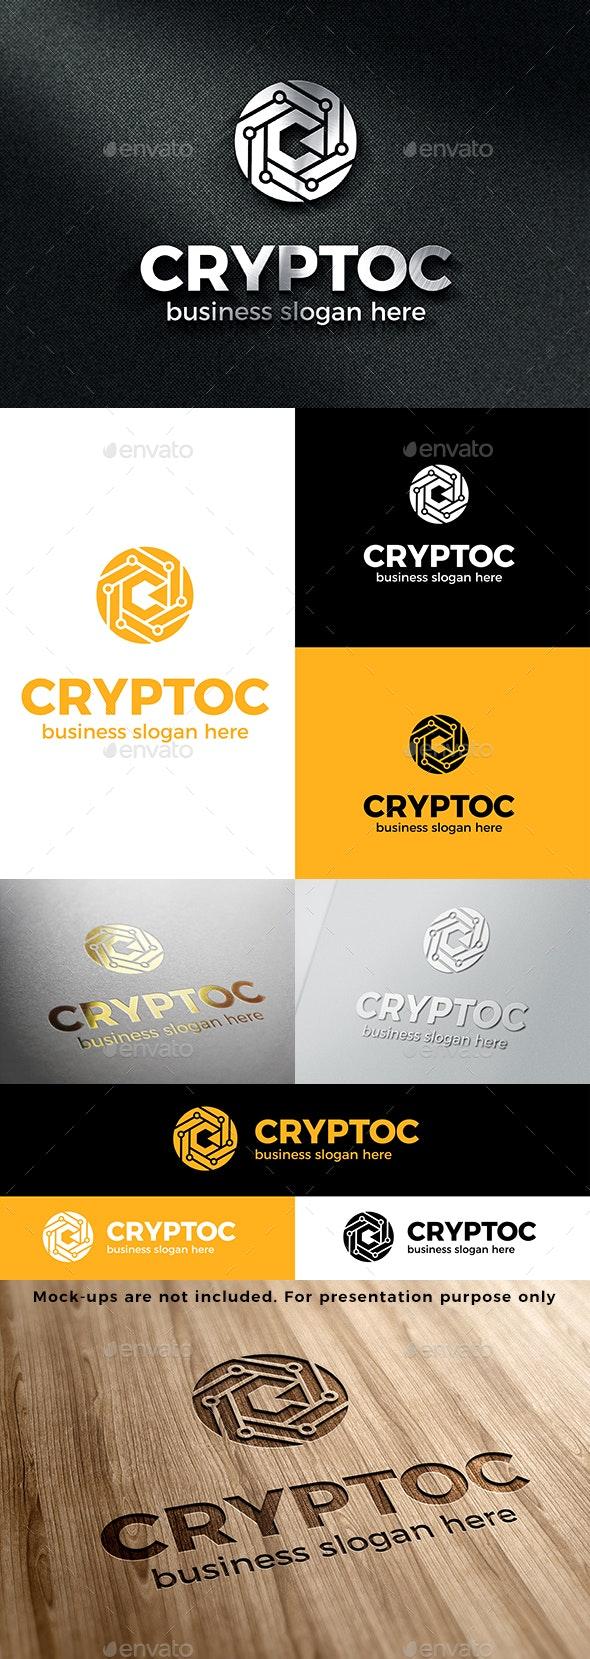 Crypto C Tech Logo - Vector Abstract